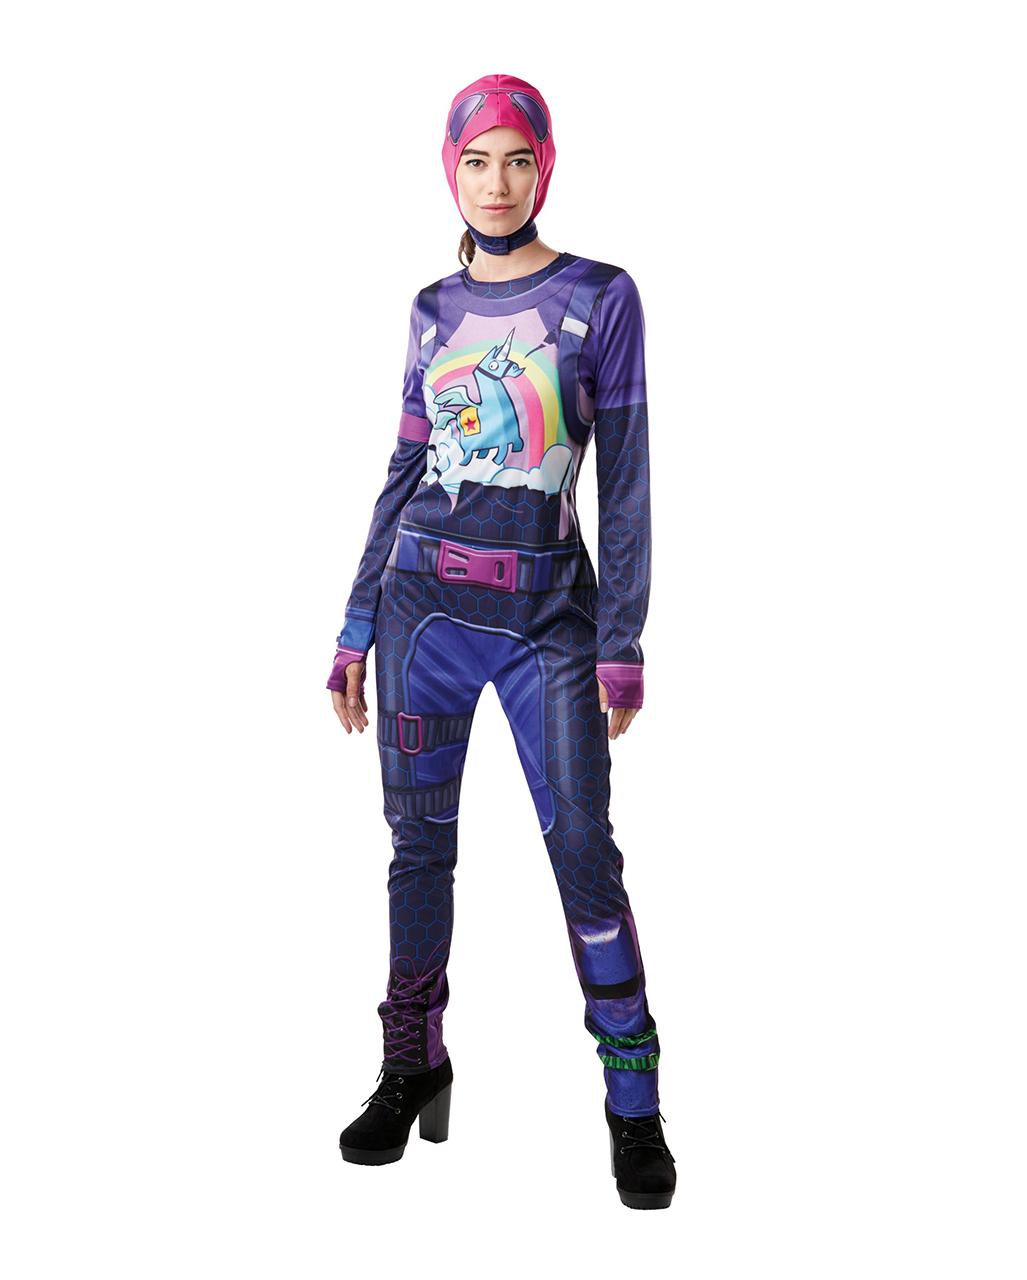 Fortnite Brite Bomber Shop Fortnite Brite Bomber Costume Buy Original Now Horror Shop Com